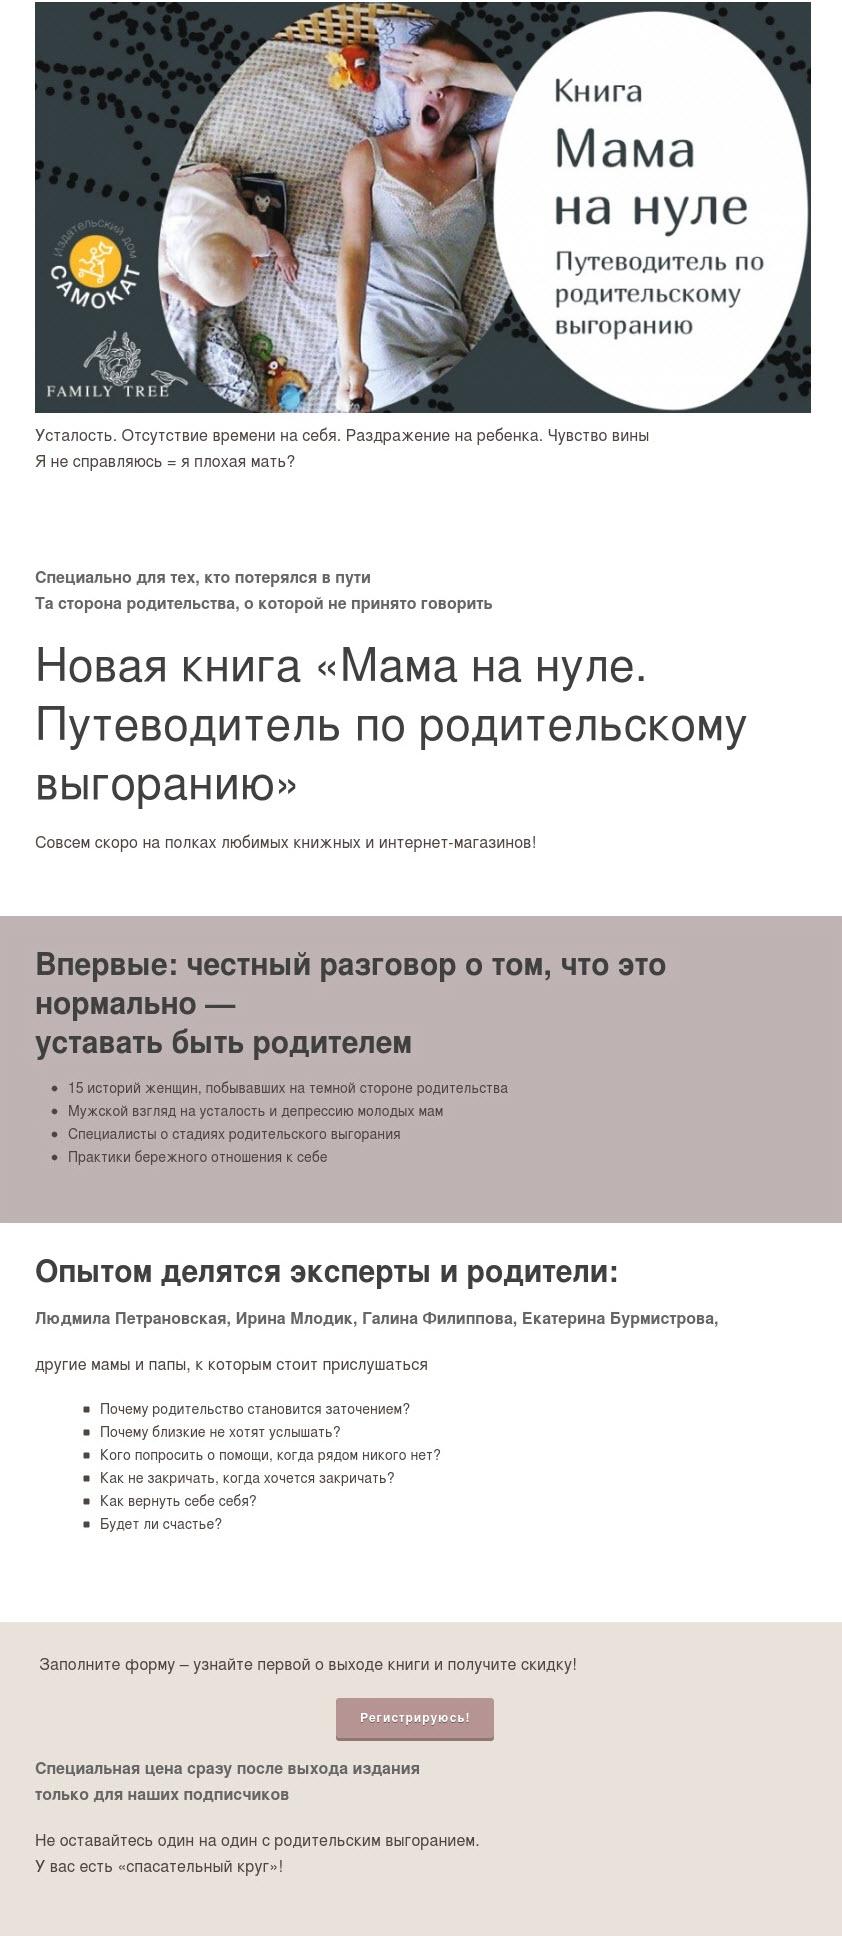 """LP - Книга """"Путеводитель по родительскому выгоранию"""""""